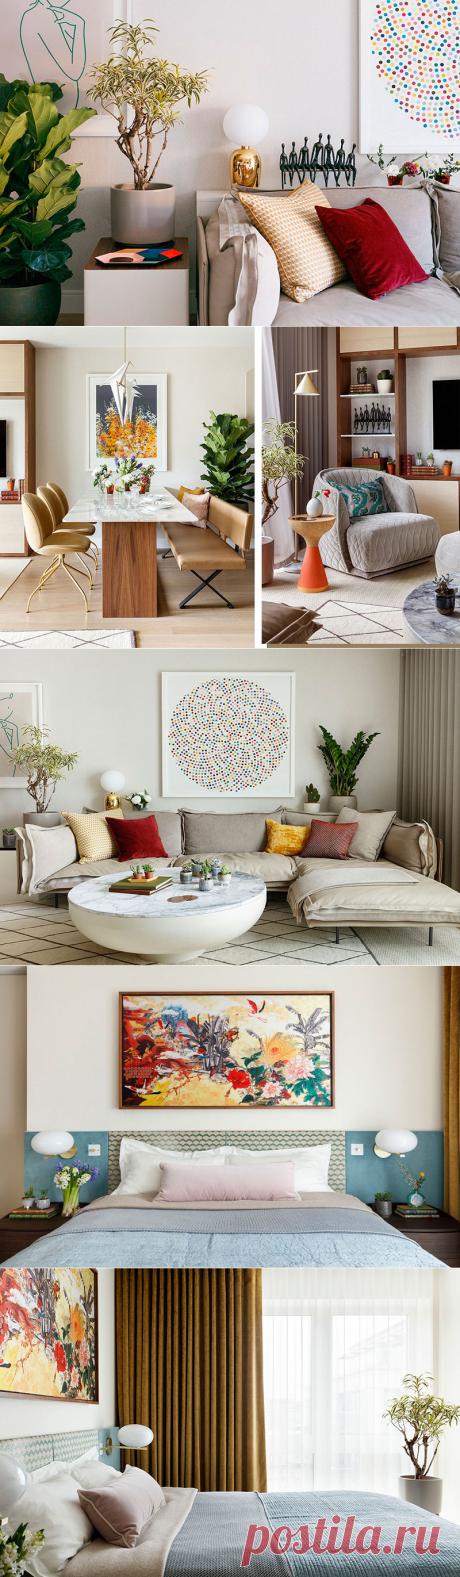 〚 Яркая современная квартира с летним настроением в Лондоне 〛 ◾ Фото ◾Идеи◾ Дизайн